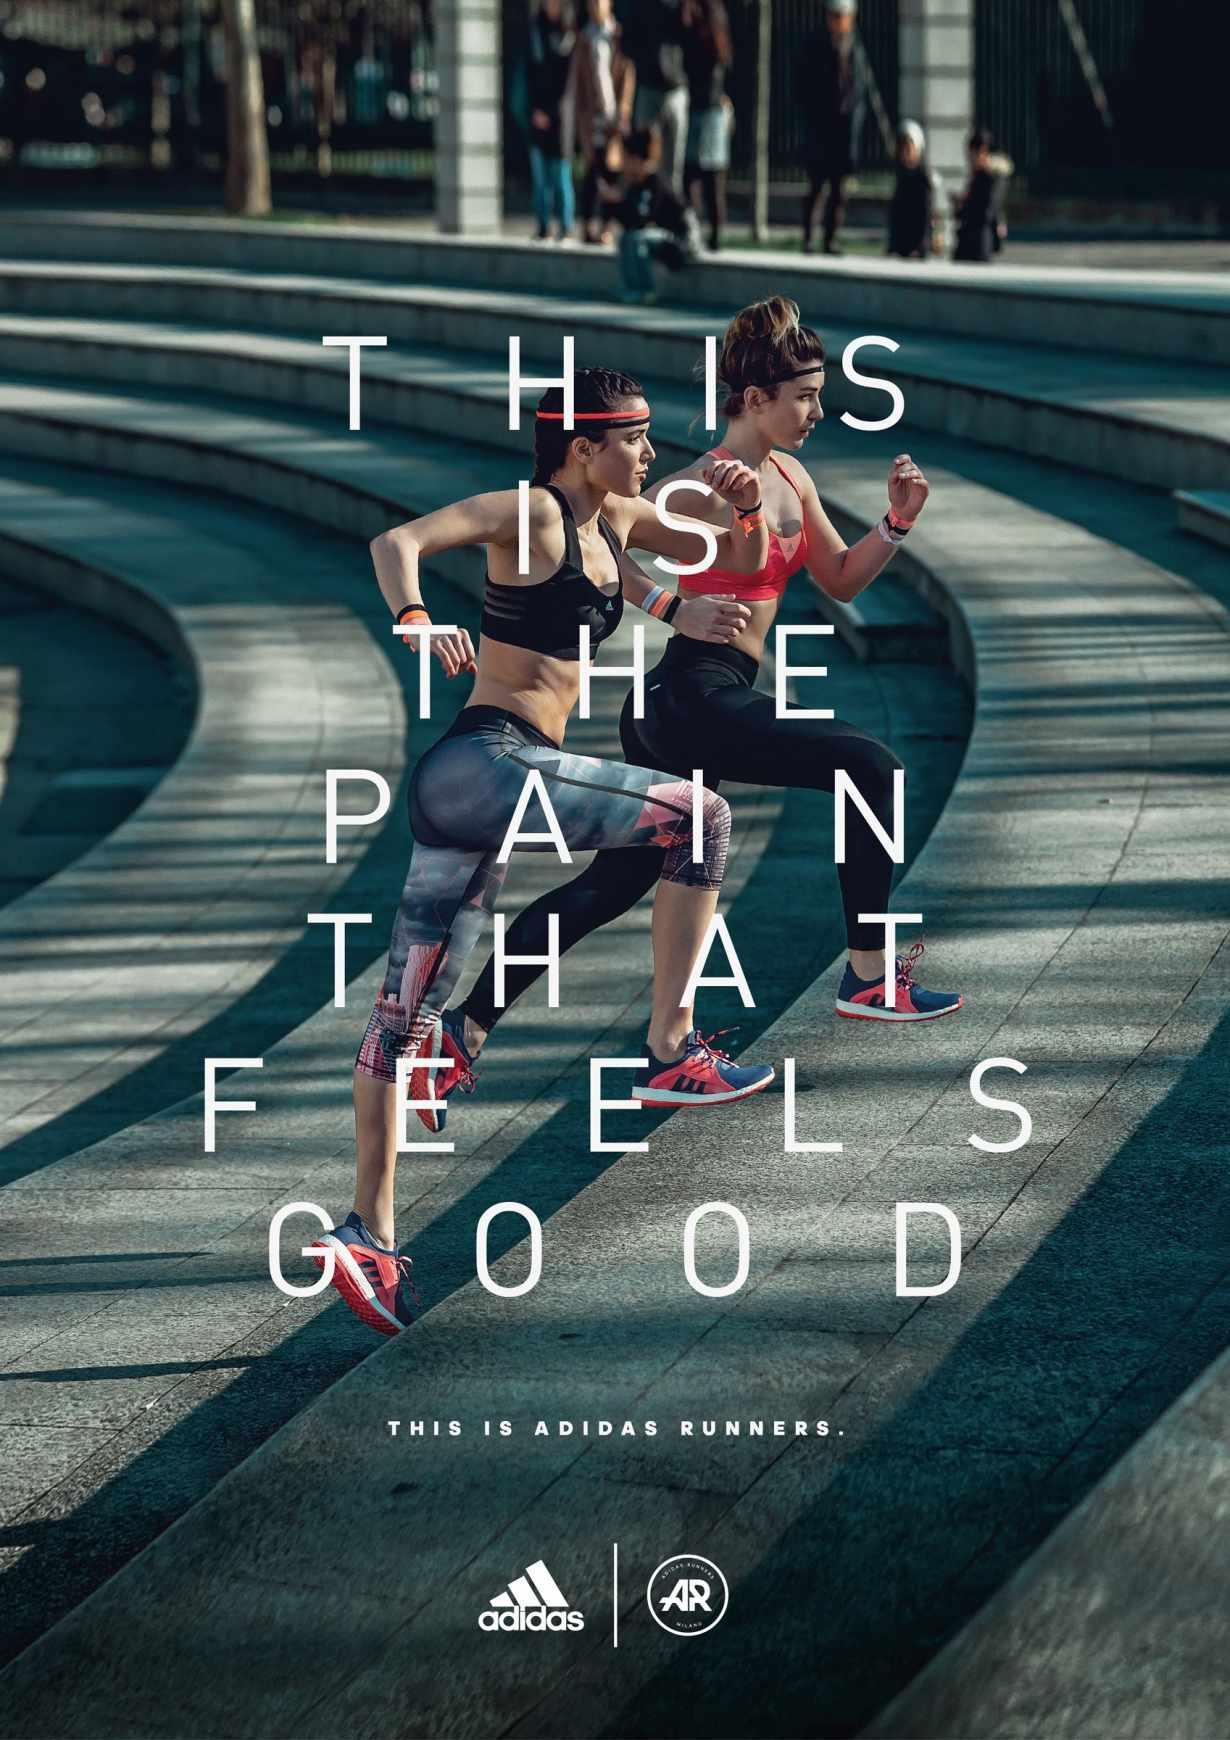 Adidas_Canon_Amnesty_i_migliori_annunci_stampa_della_settimana2